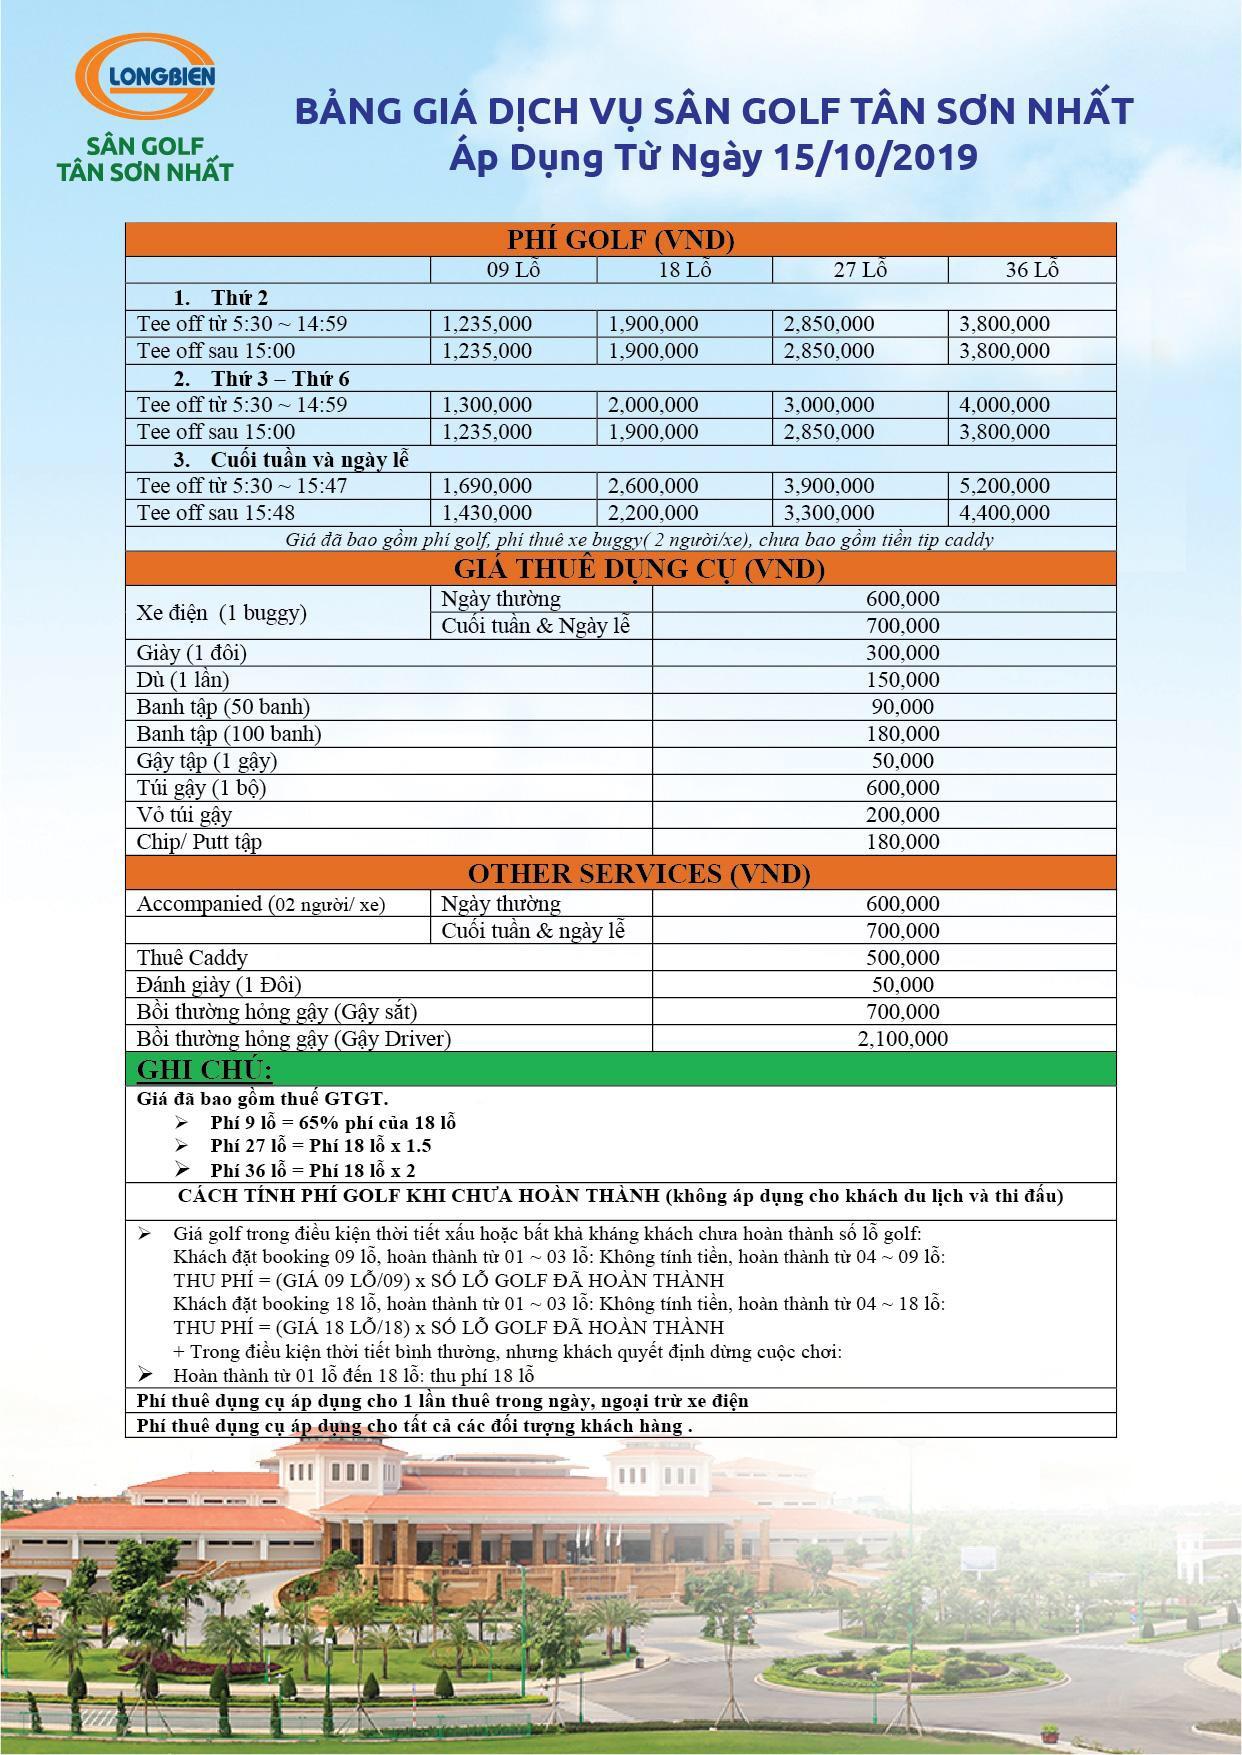 Bảng giá sân golf Tân Sơn Nhất Năm 2020